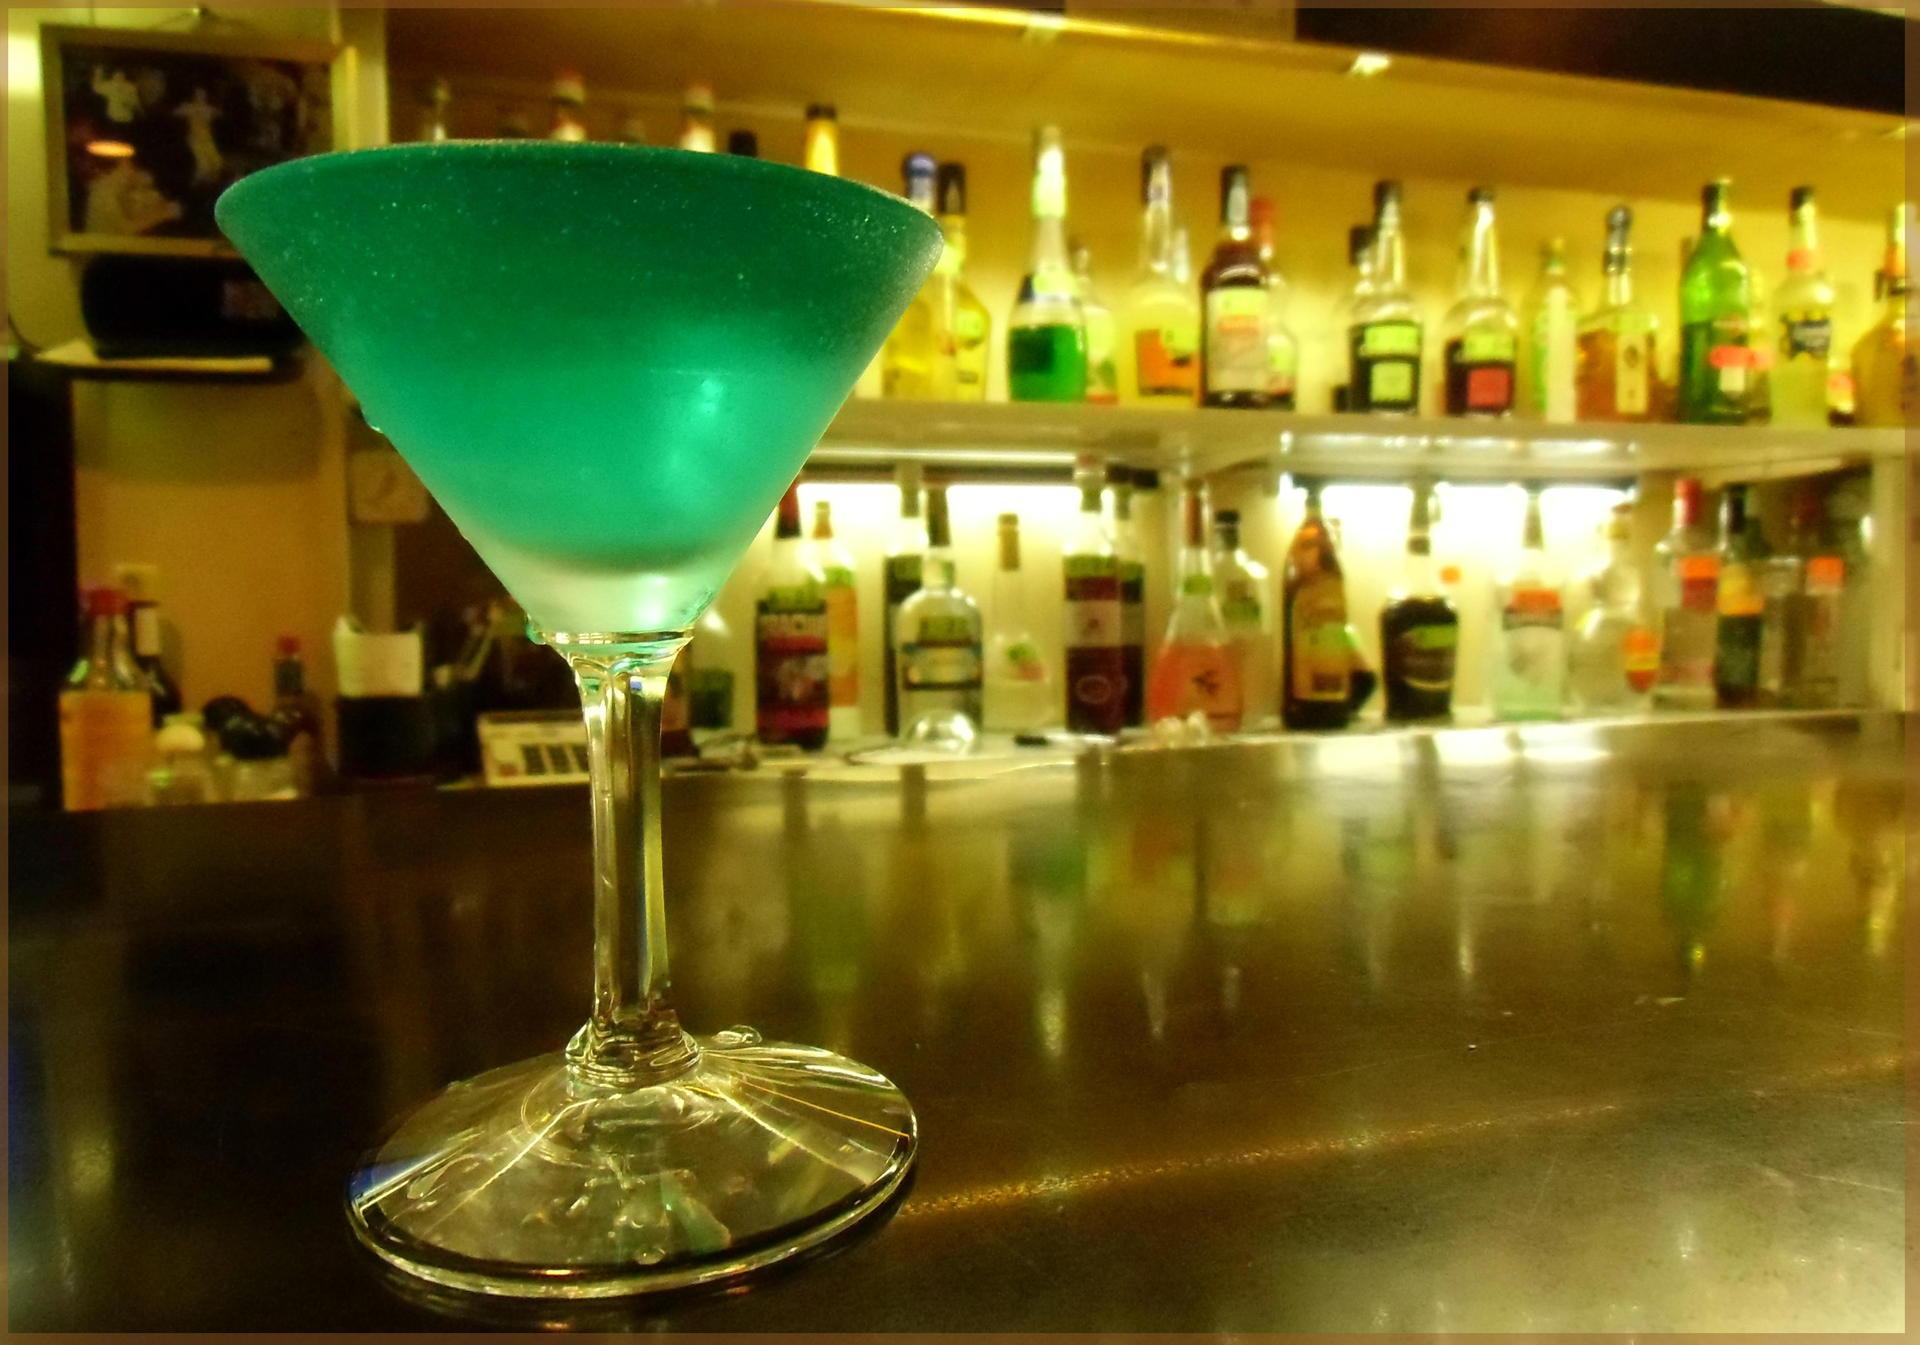 Down a drink at Ekoda Konpa